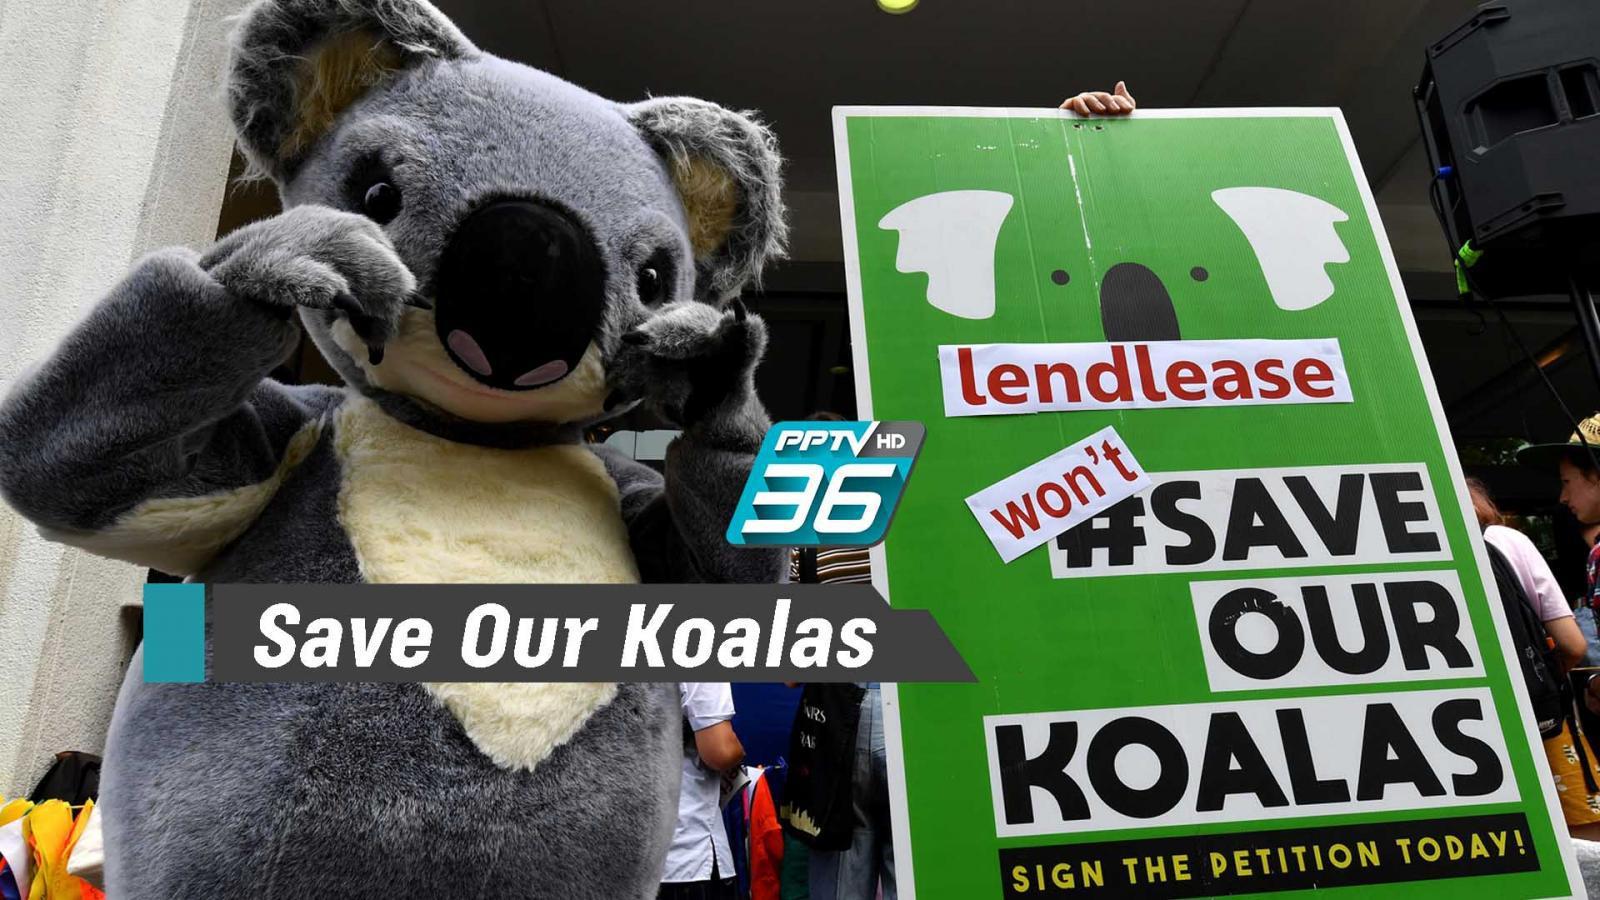 นักเคลื่อนไหวสวมชุด 'โคอาลา' เรียกร้องแก้ปัญหาวิกฤตไฟป่า